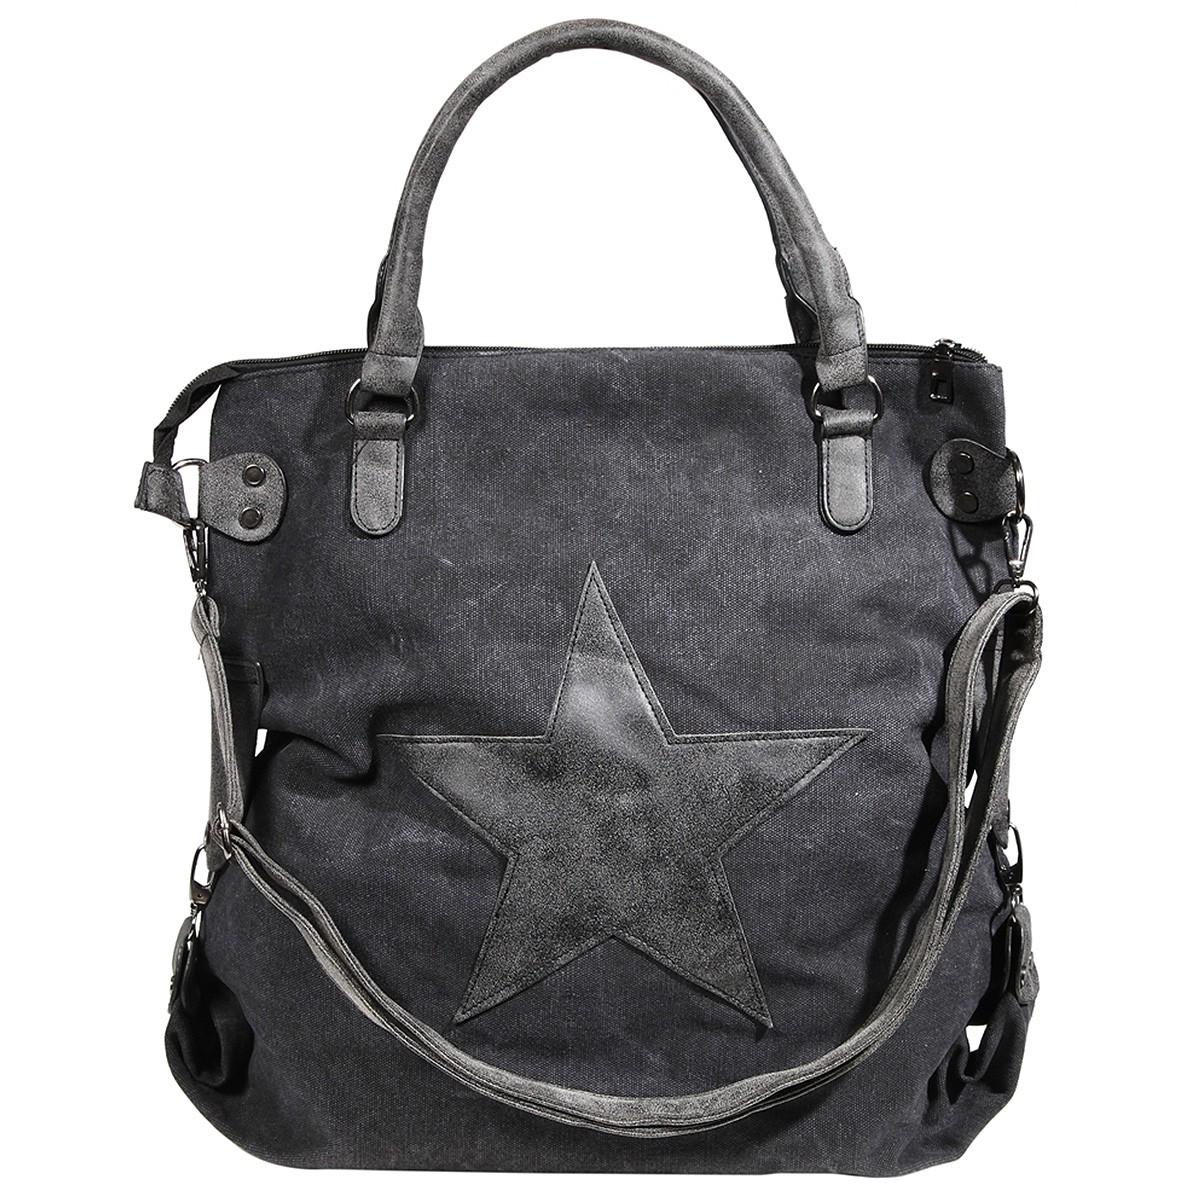 Damen XL Canvas Shopper Handtasche Schultertasche mit Stern Motiv ...